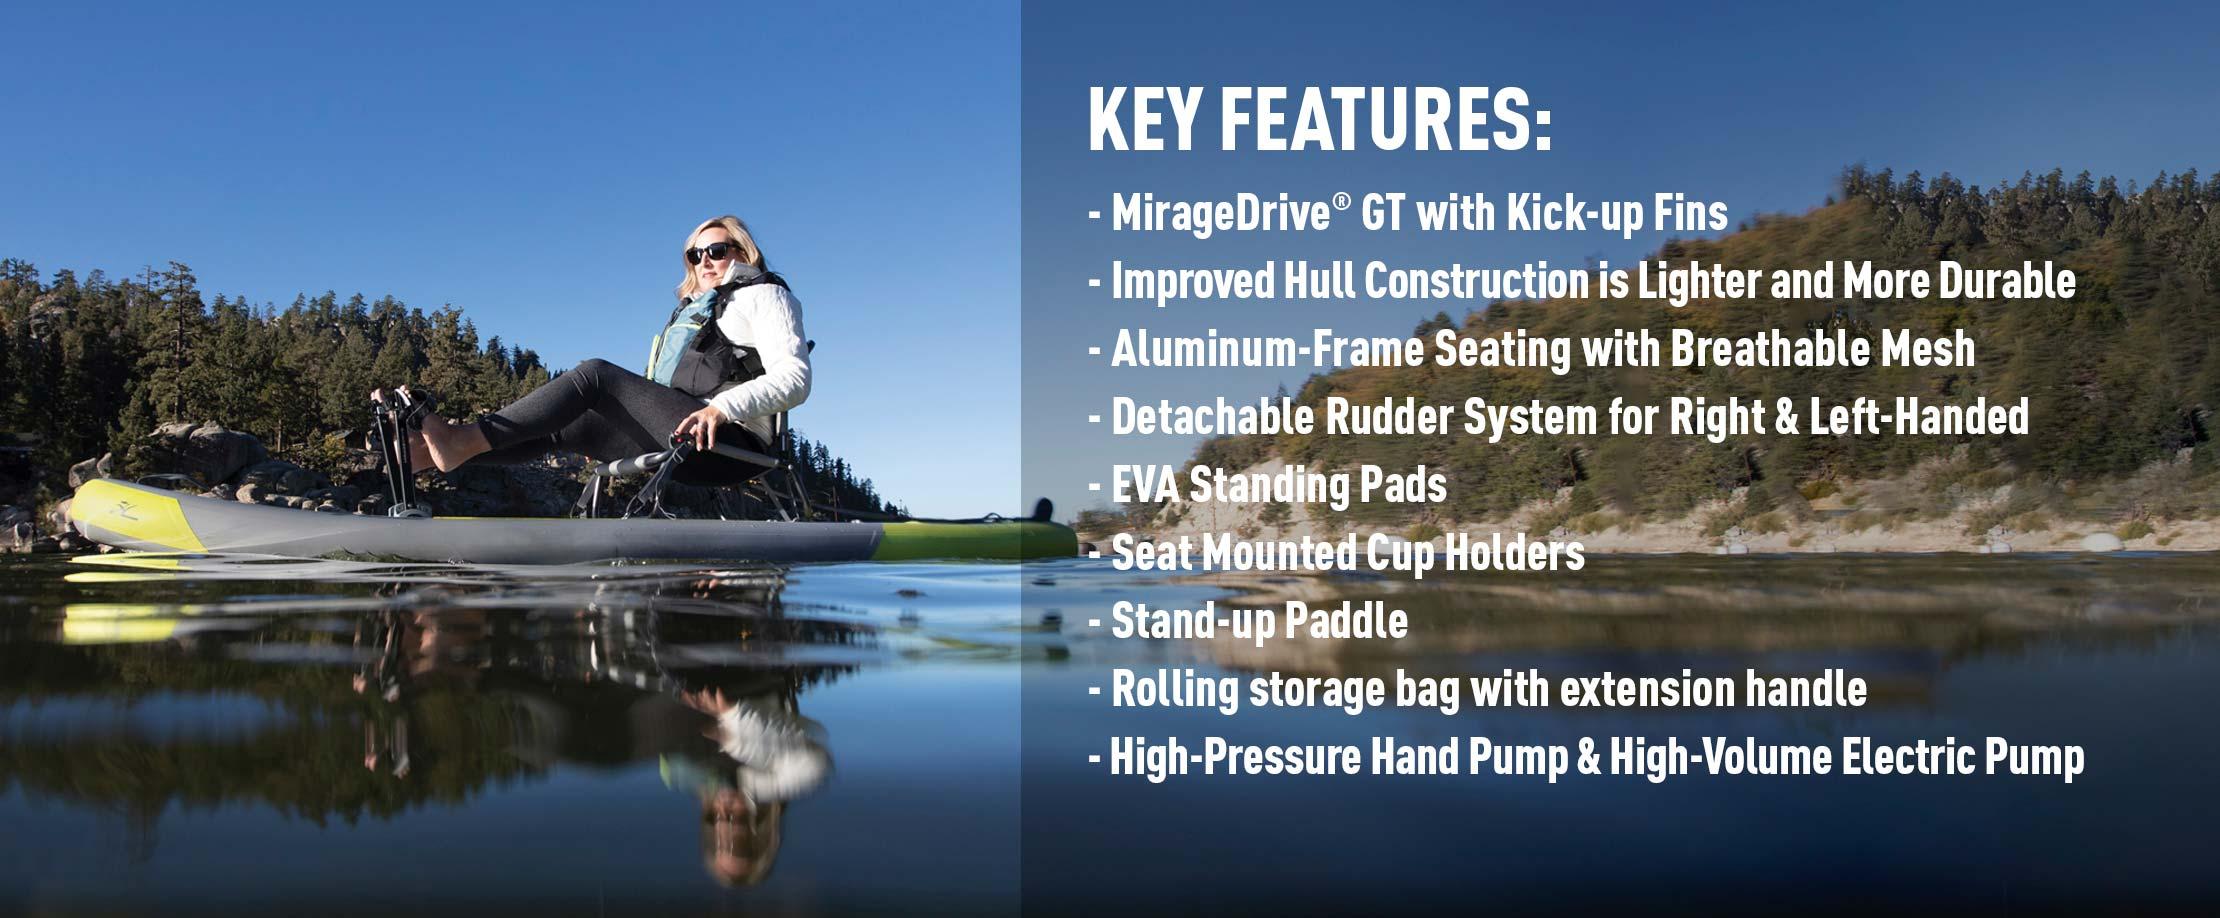 Mirage iTrek 9 Ultralight Features